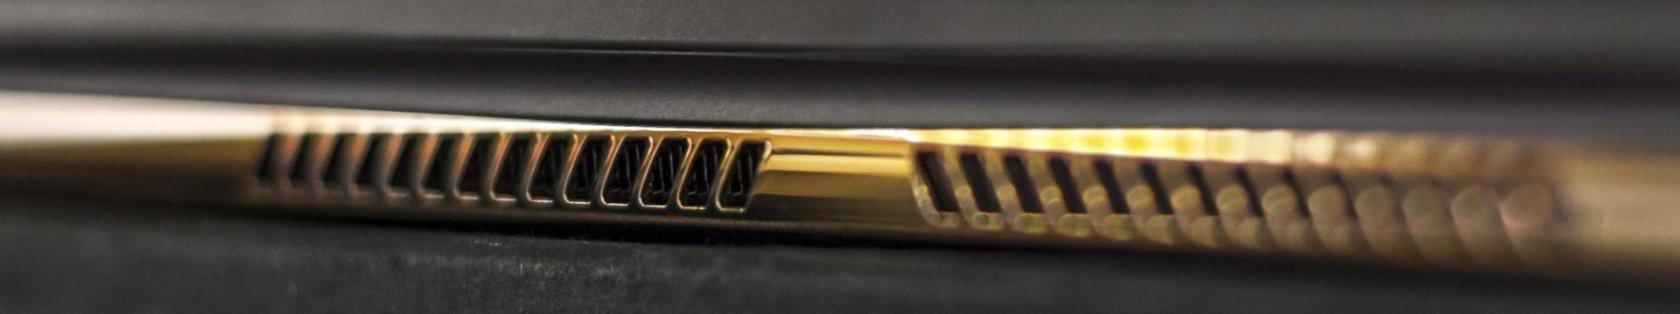 Технологии и дизайн в одном устройстве. Ноутбук HP Spectre 13 - 15